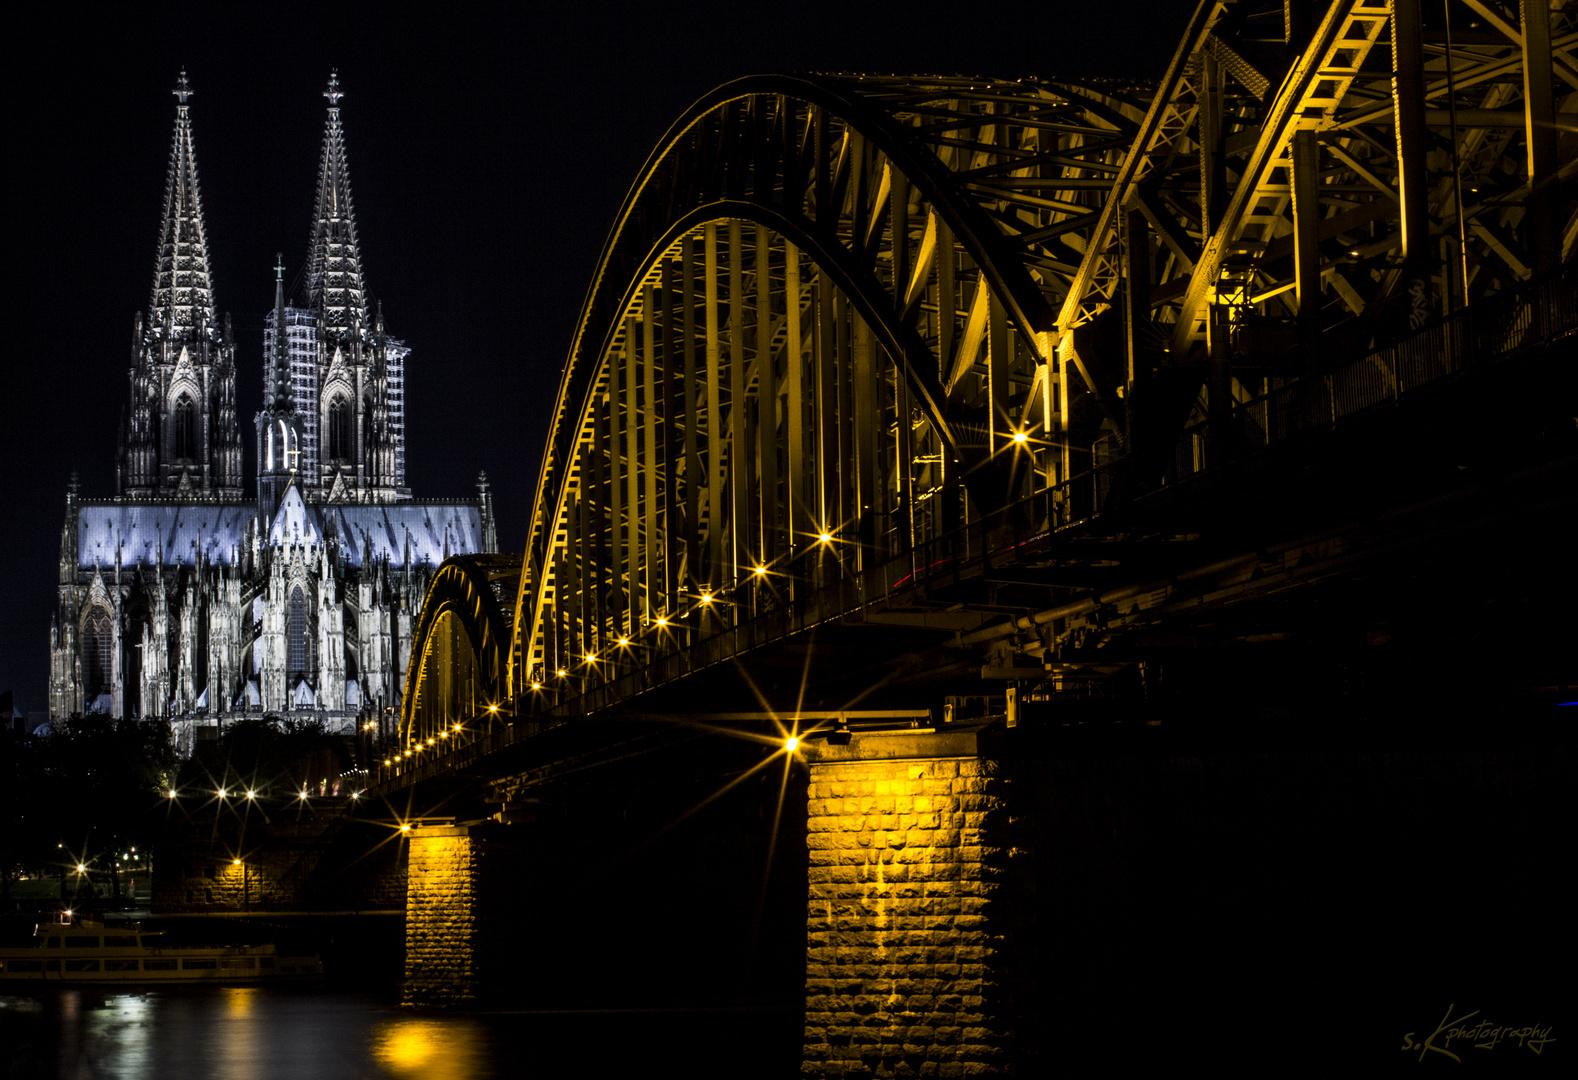 ..der Dom in Köln....